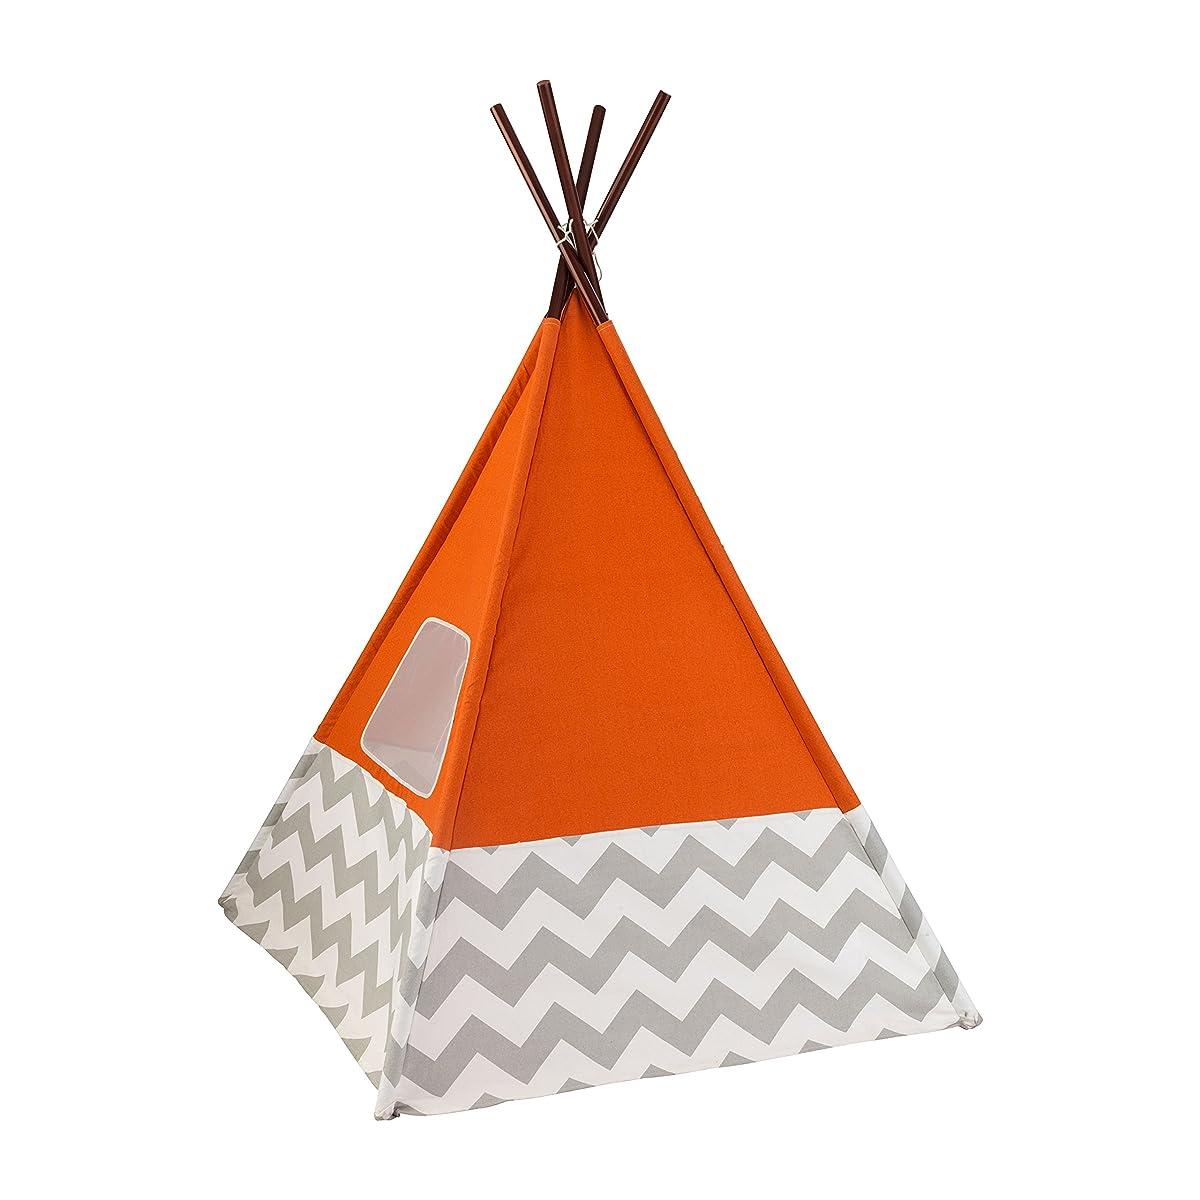 KidKraft Teepee, Orange